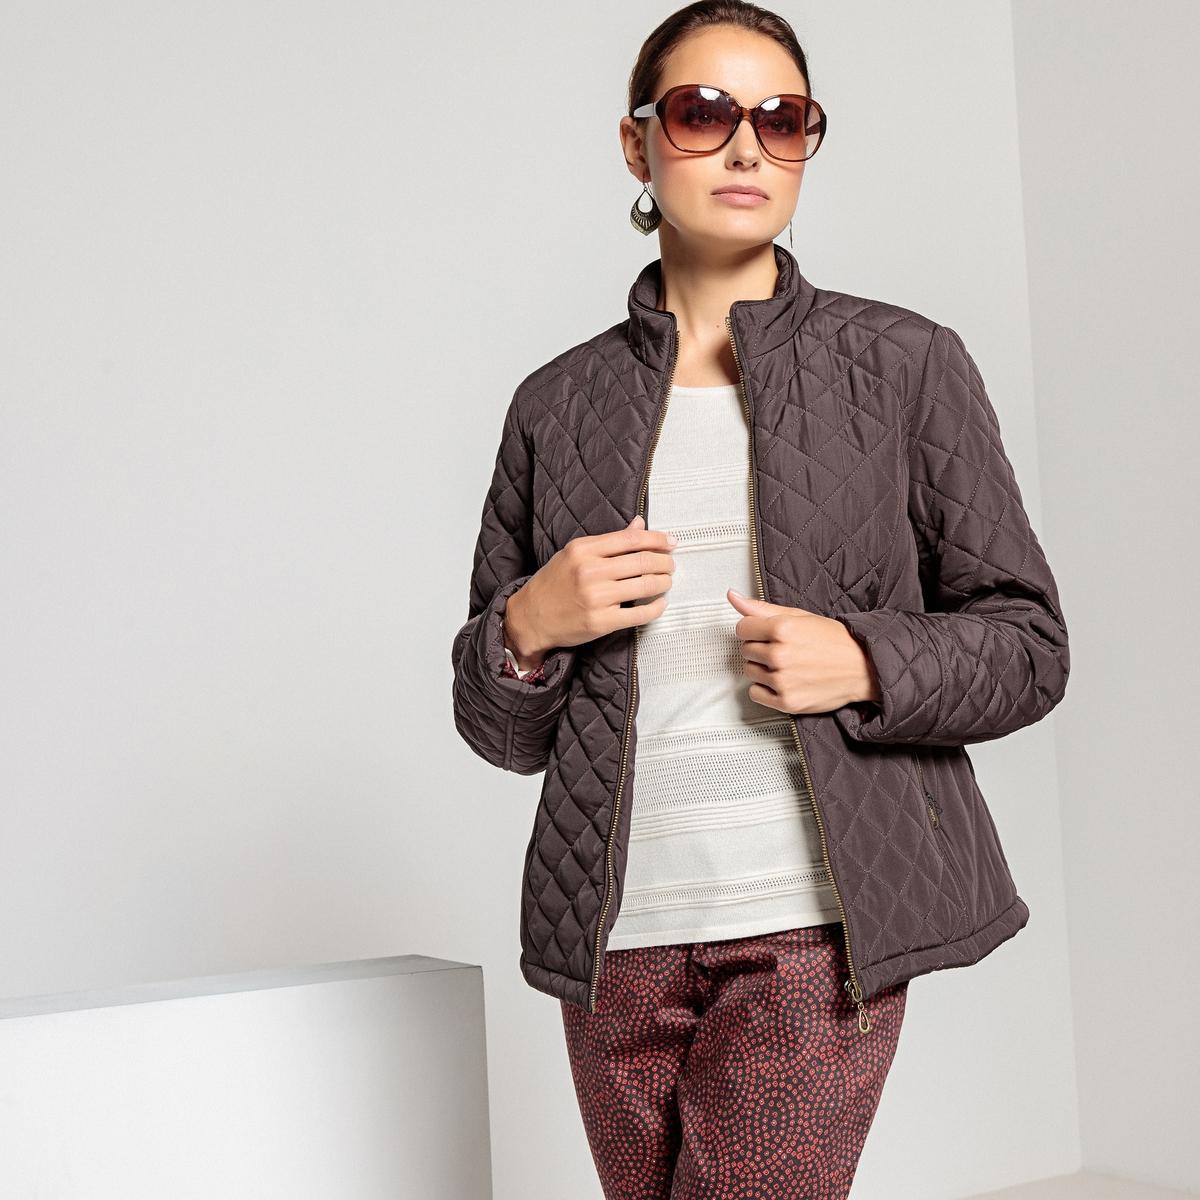 Куртка стеганая короткая, с застежкой на молнию